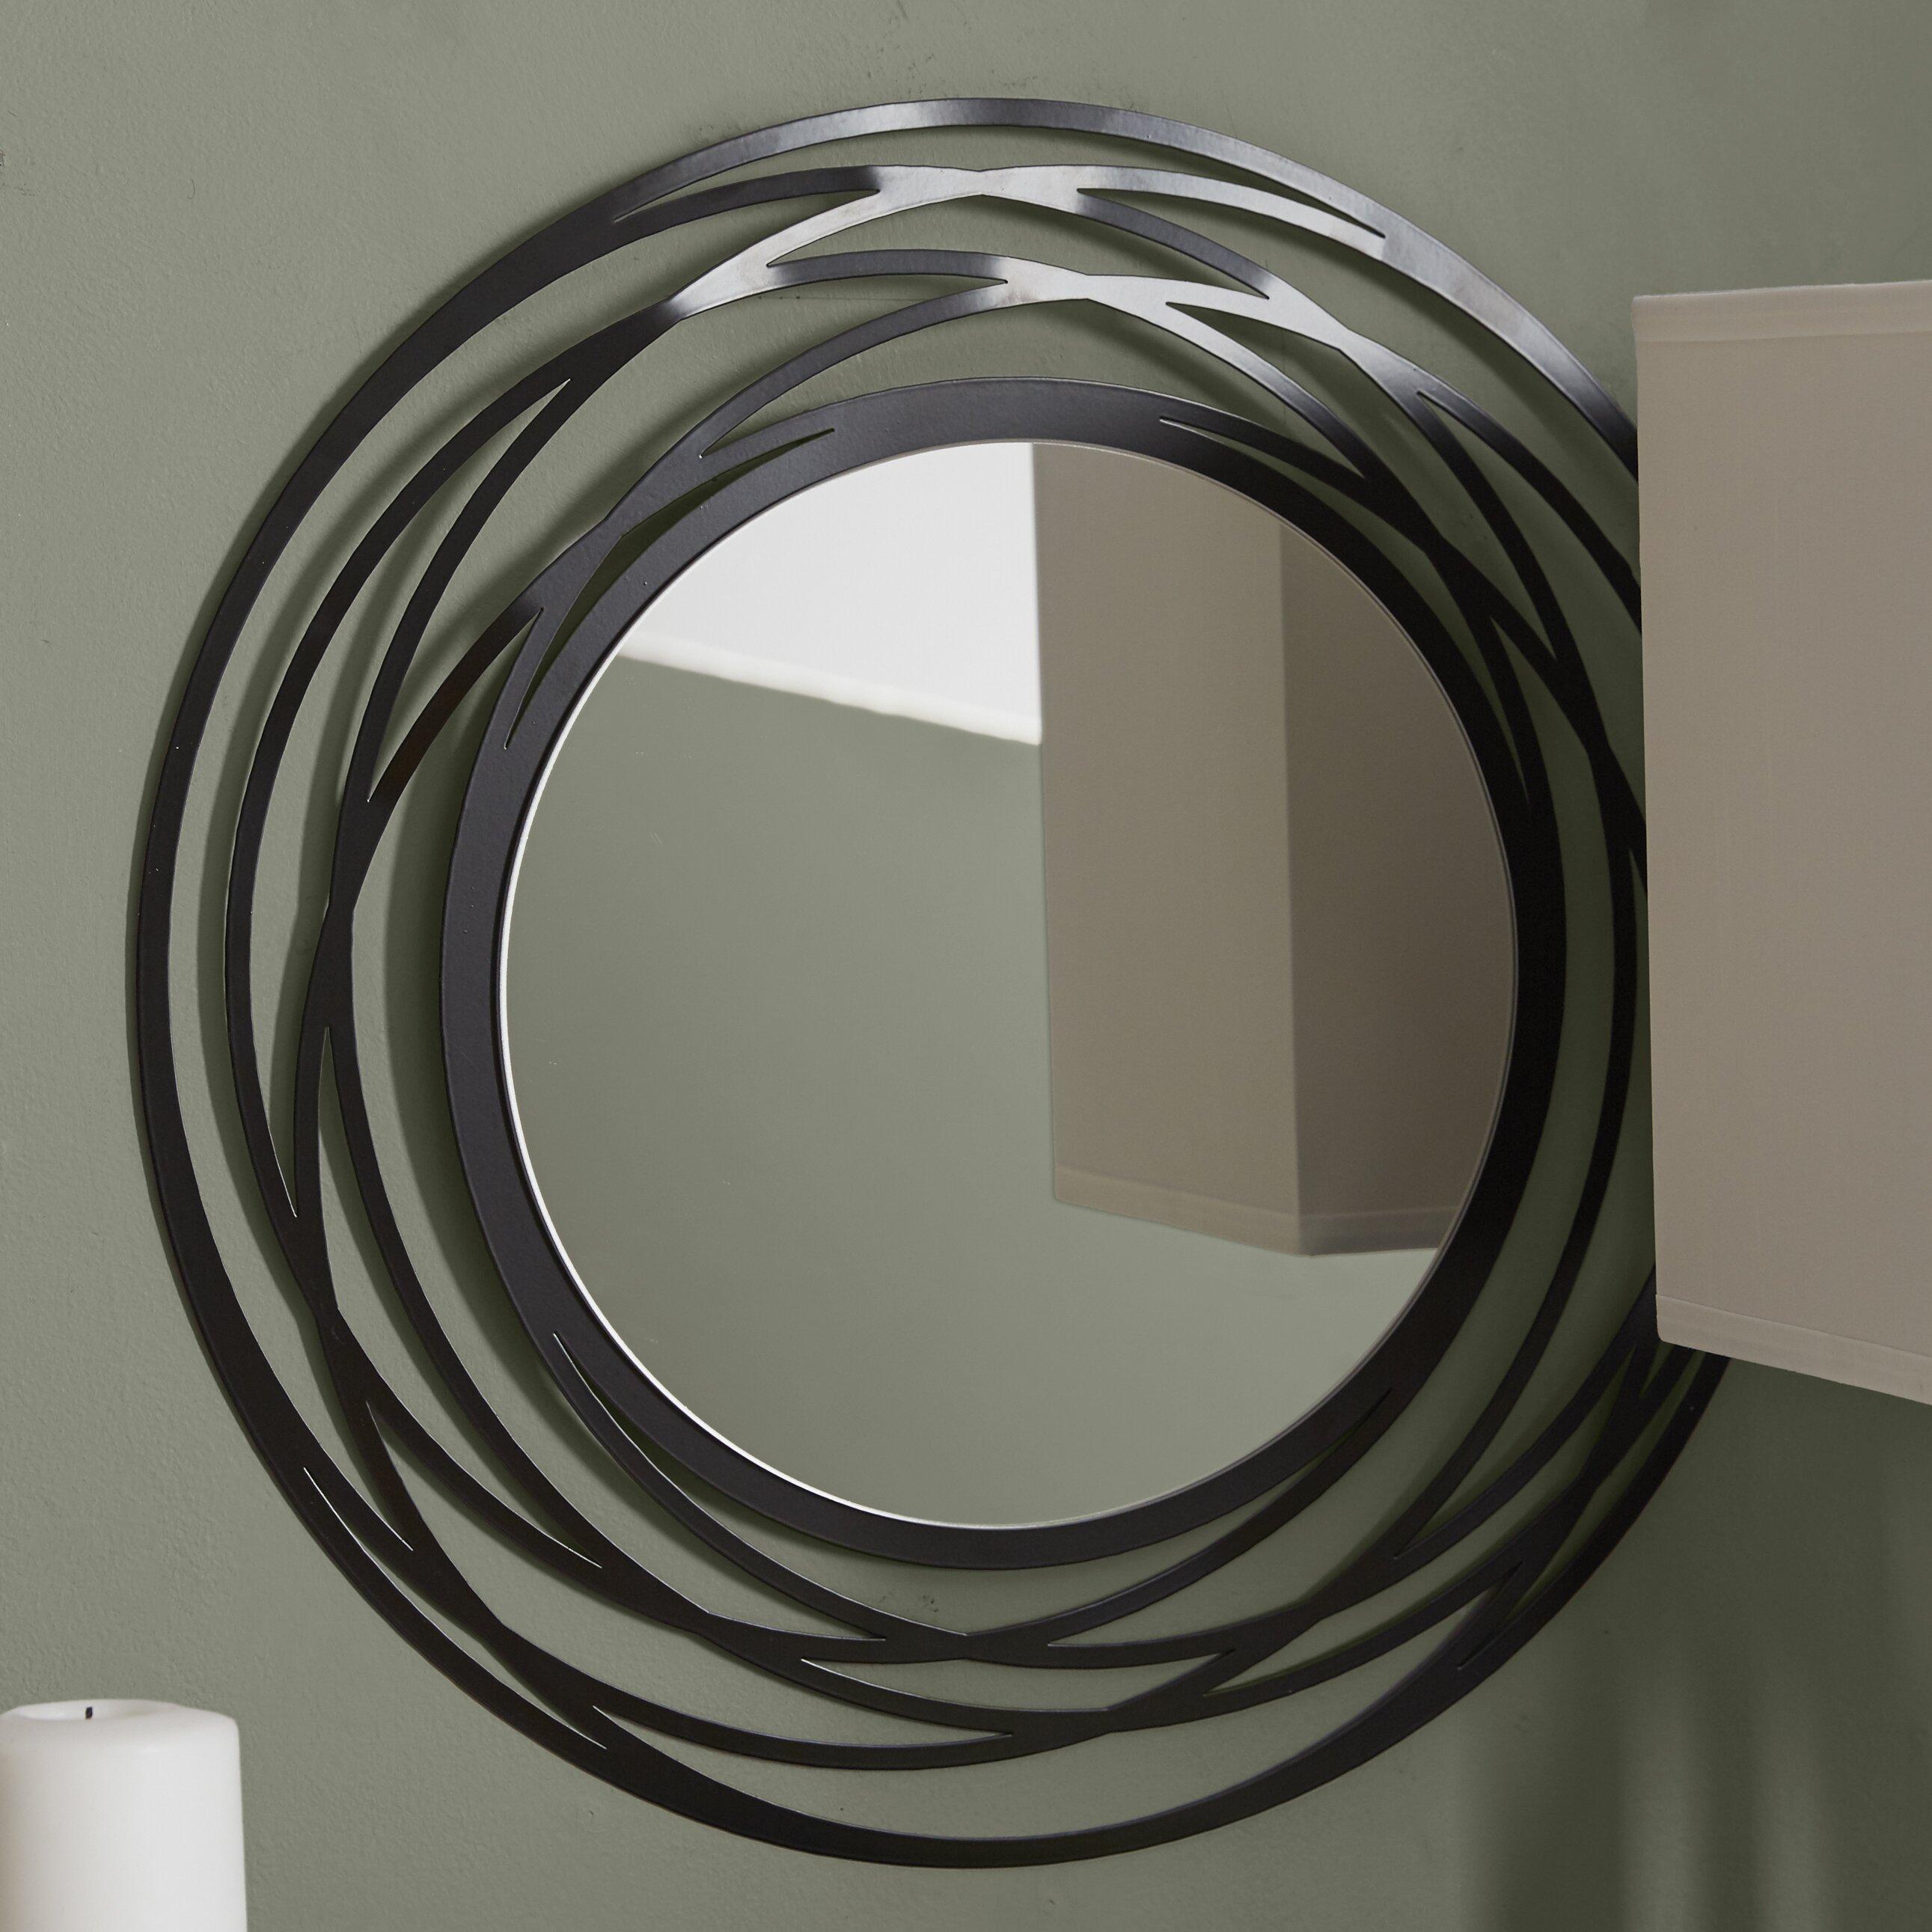 Brayden studio fluent round wall mirror reviews wayfair for Mirror in a can